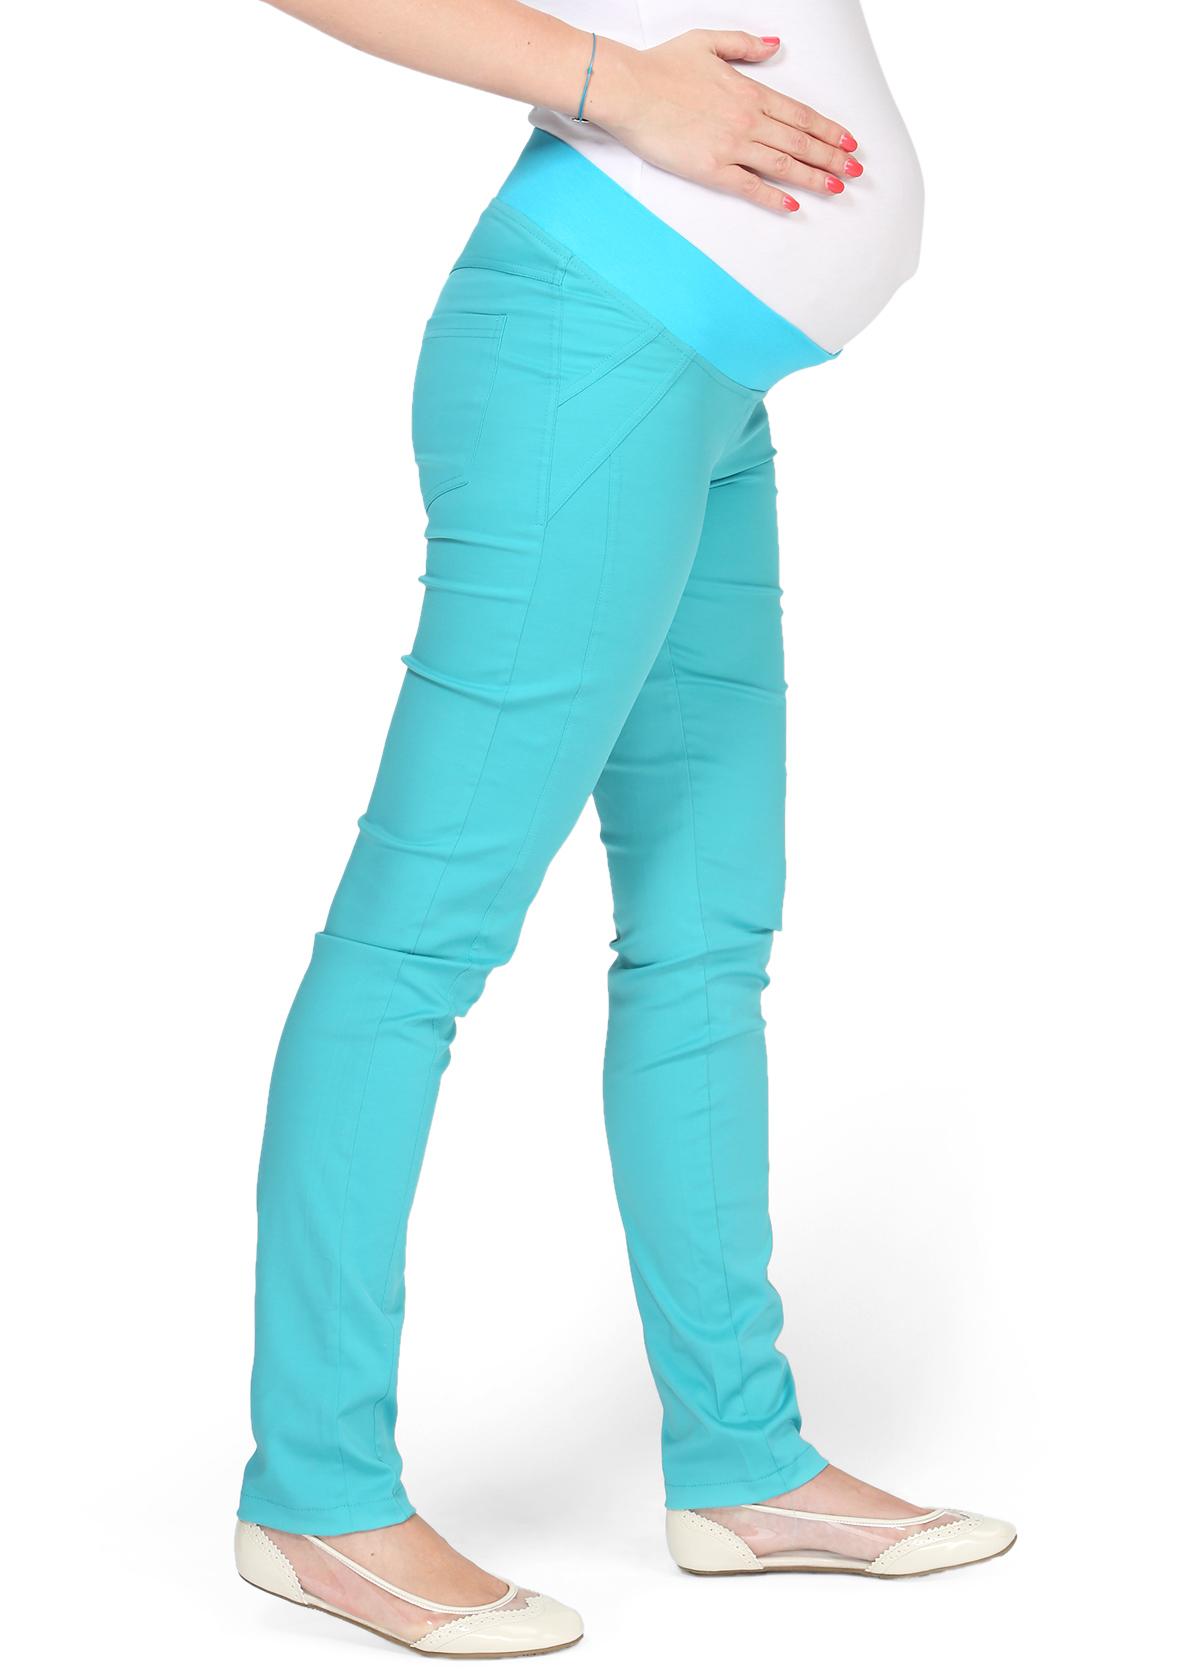 Джинсы для беременных  модно и стильно - Моя газета  7b672486cd050